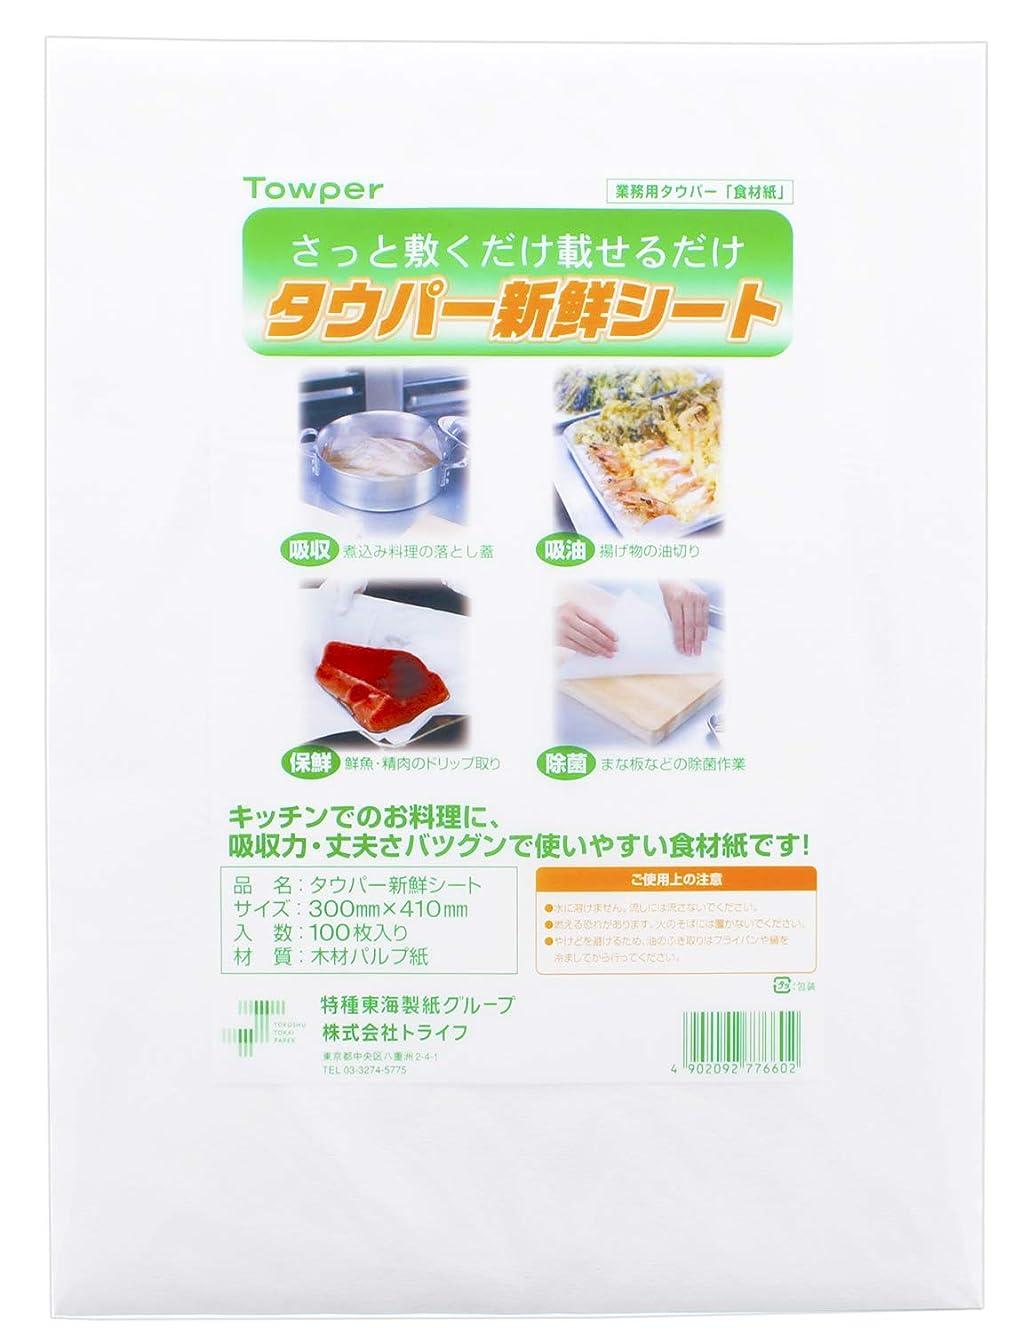 ペースト苦行ペア東海加工紙 タウパー新鮮シート 300×410mm 木材パルプ紙(白) 日本 (100枚入) XSV7602